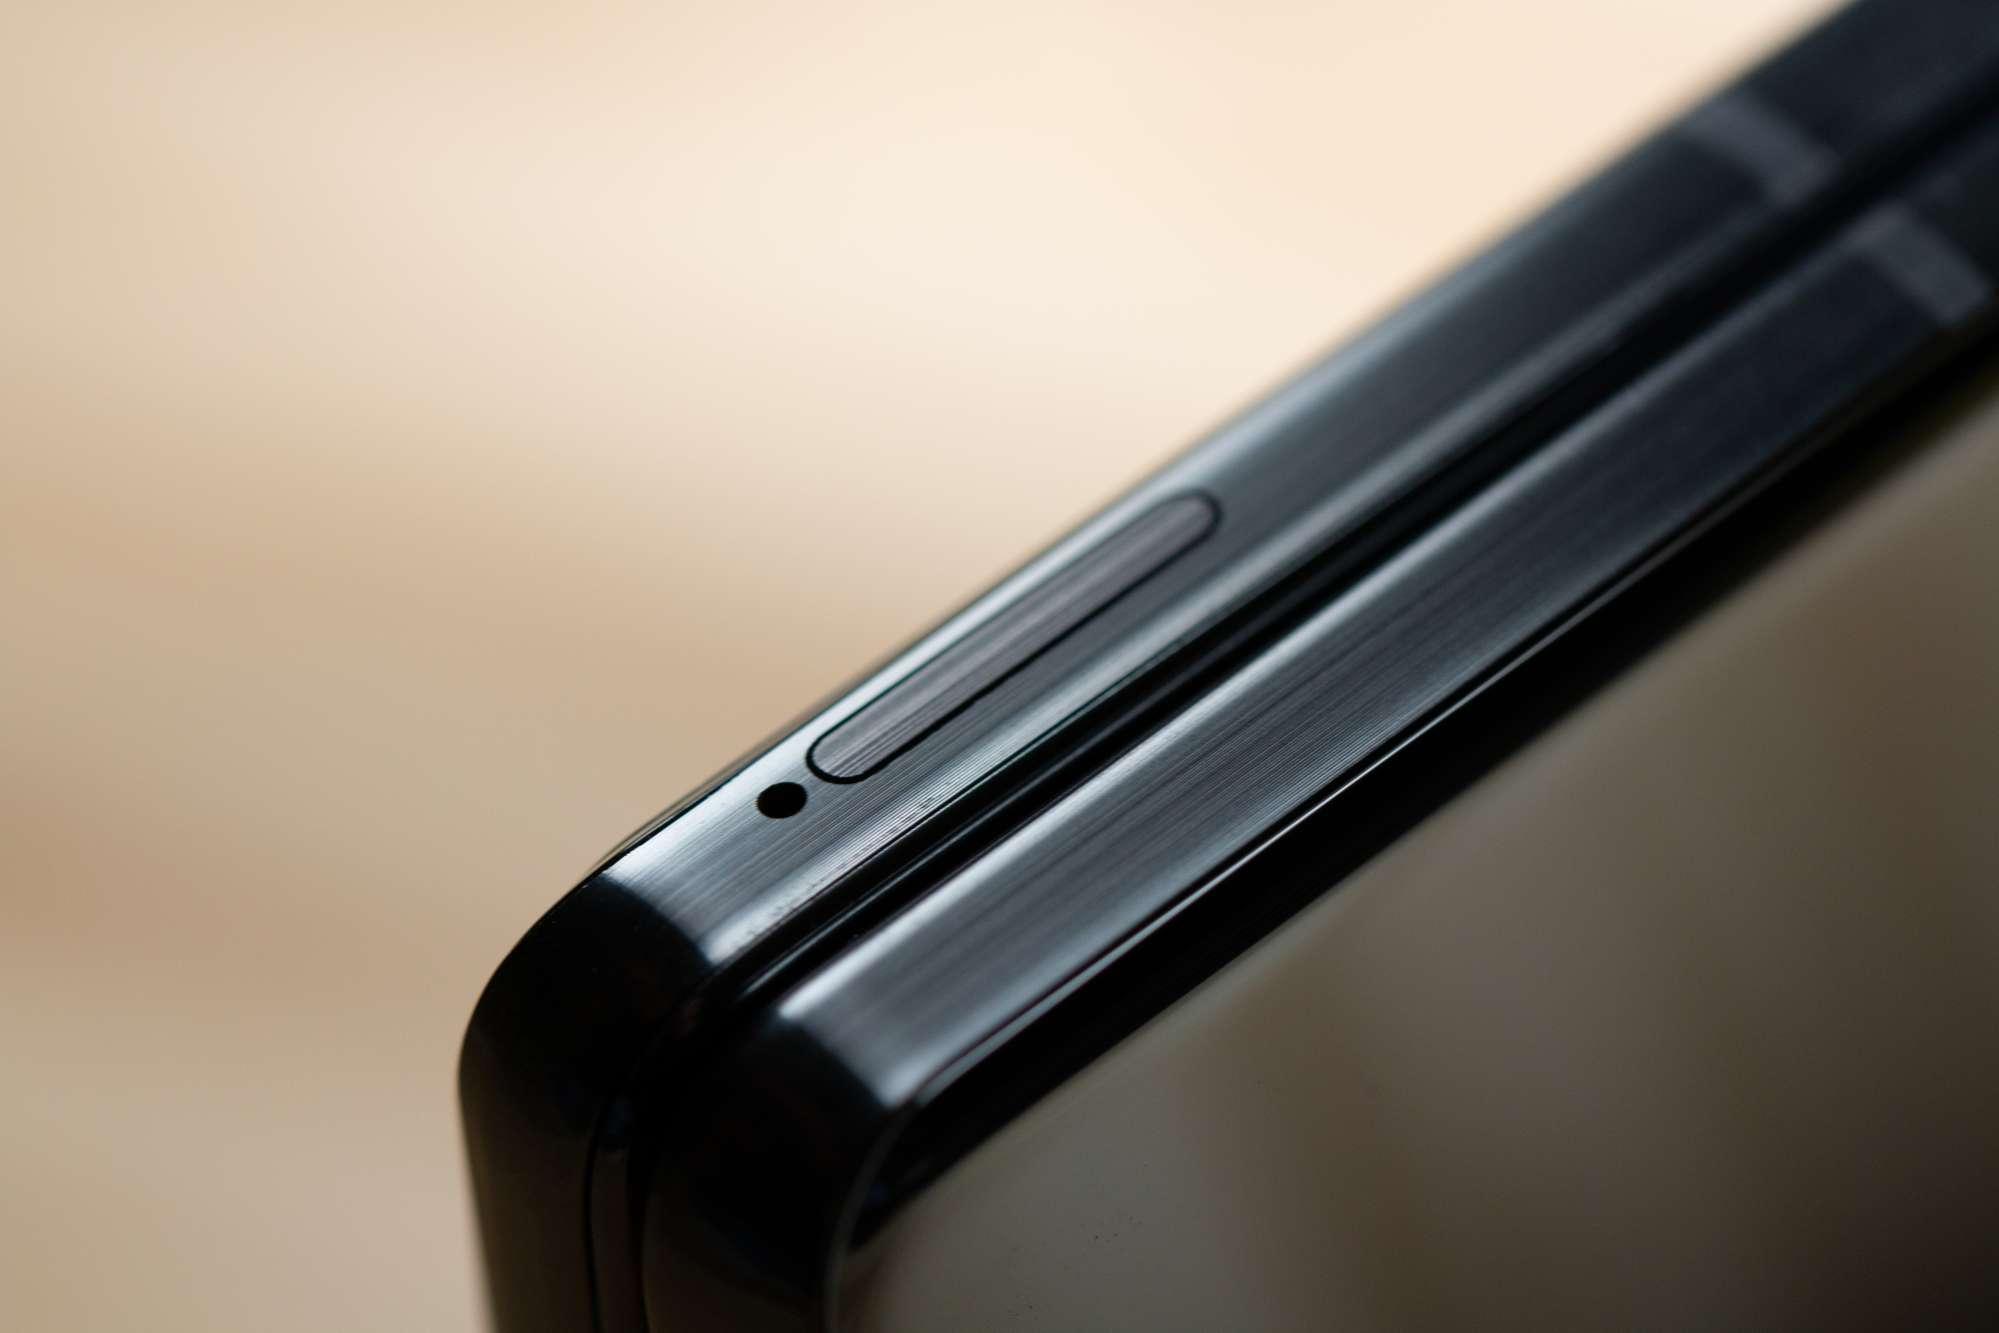 ¿El Galaxy Z Fold 2 tiene almacenamiento expandible?